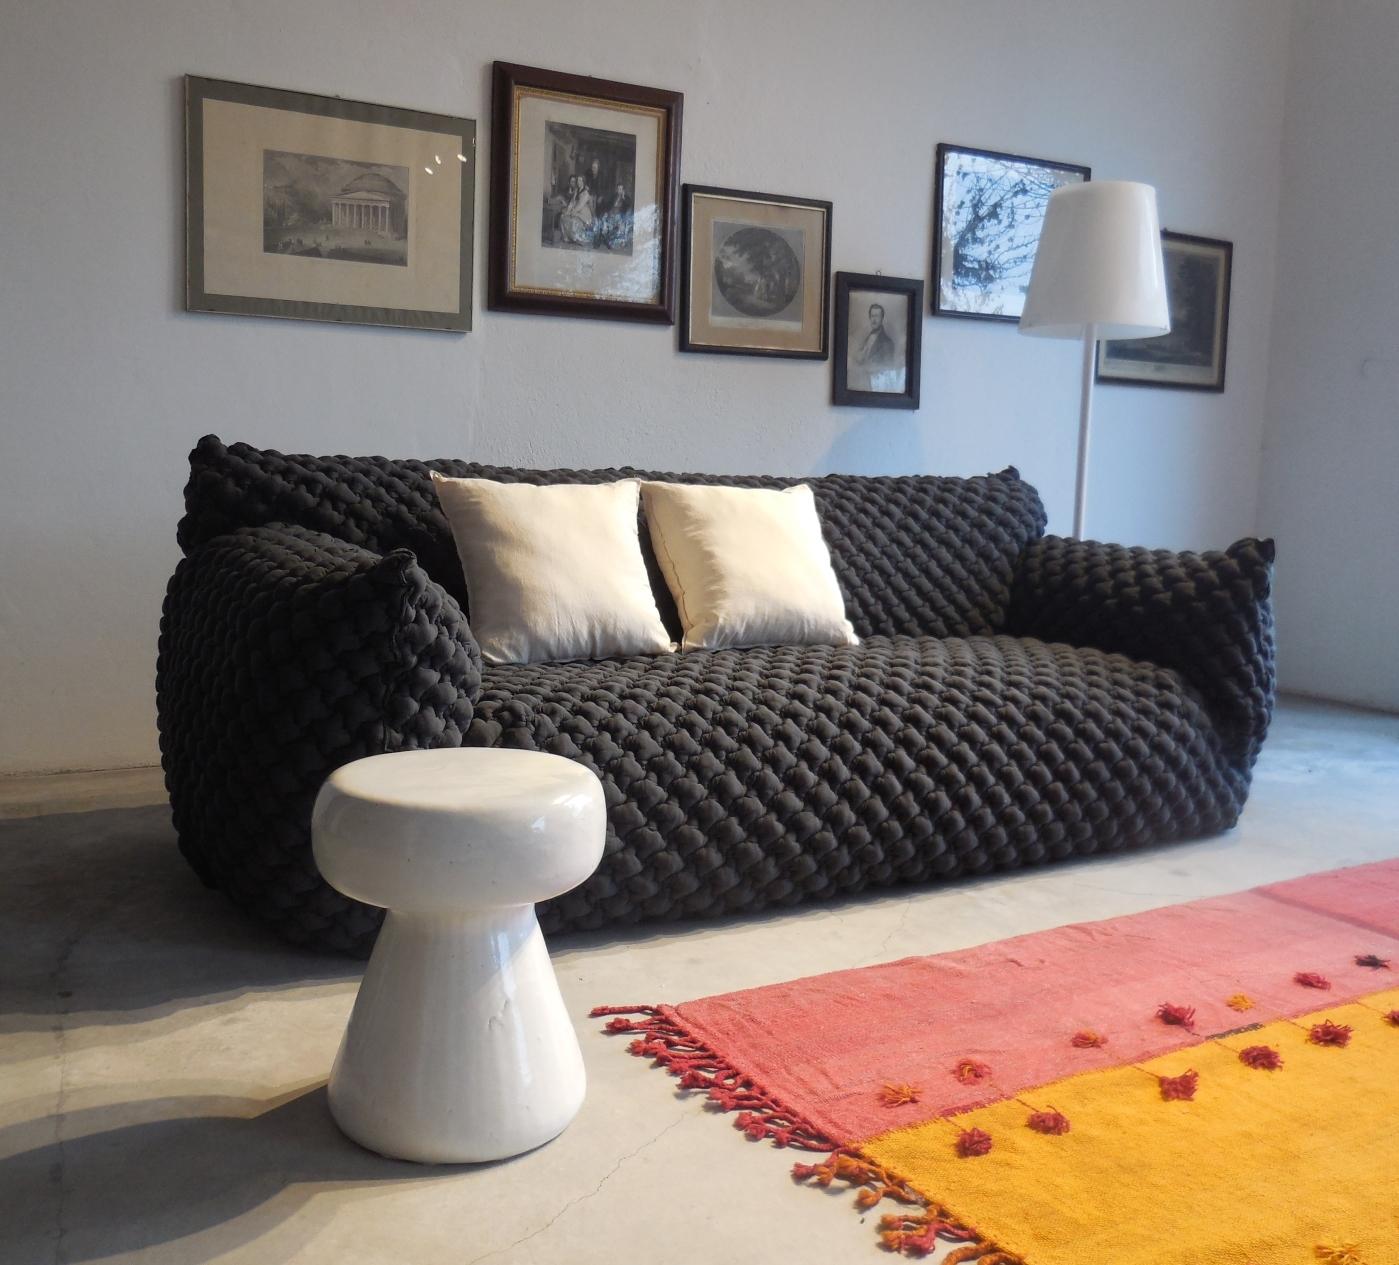 Vendita Divani Online. Gallery Of Divano Letto Con Contenitore ...